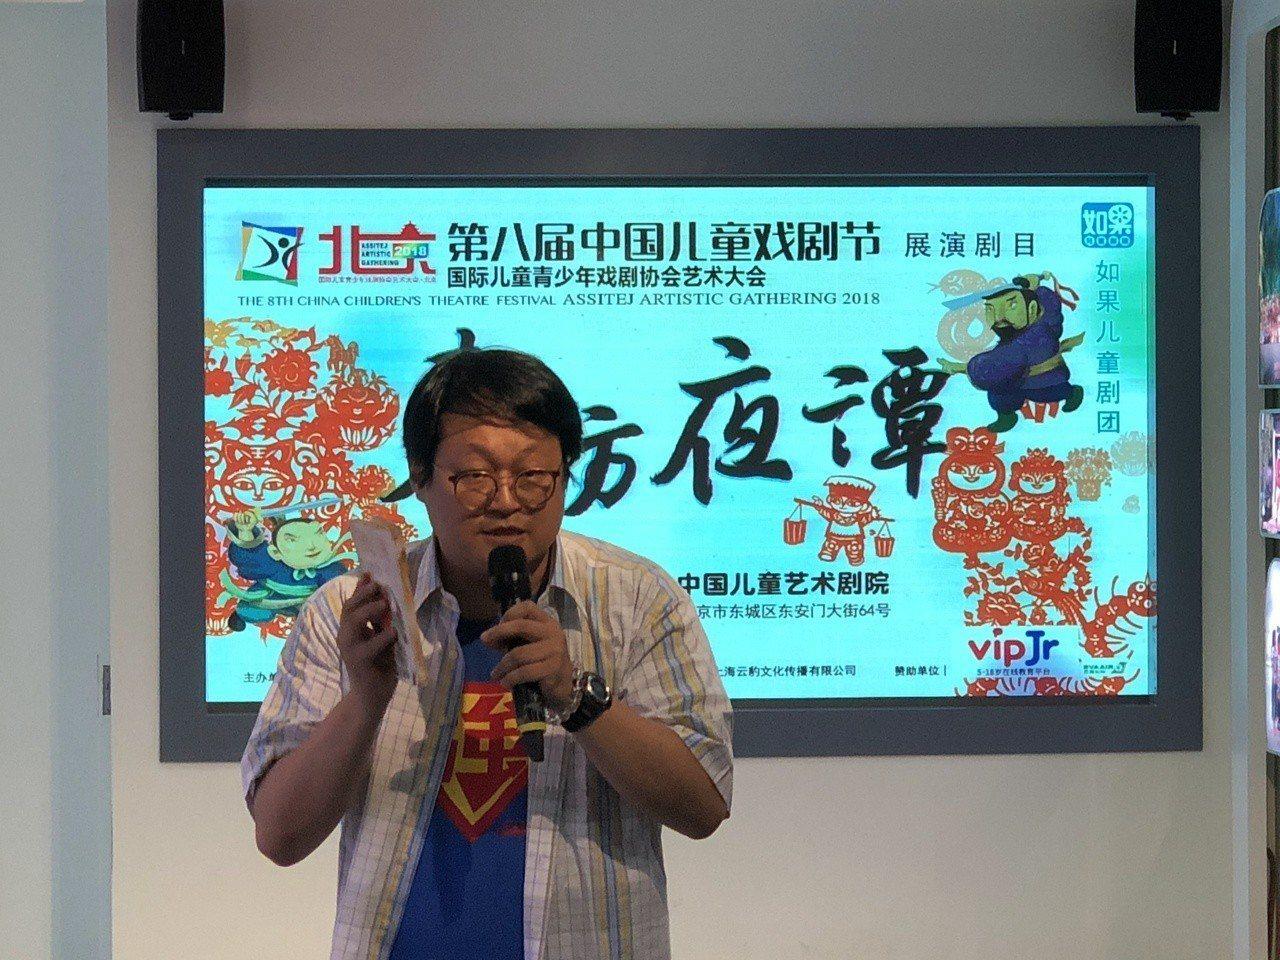 第八屆中國兒童戲劇節七月十四日至八月廿五日在北京舉辦,趙自強領軍的「如果兒童劇團...